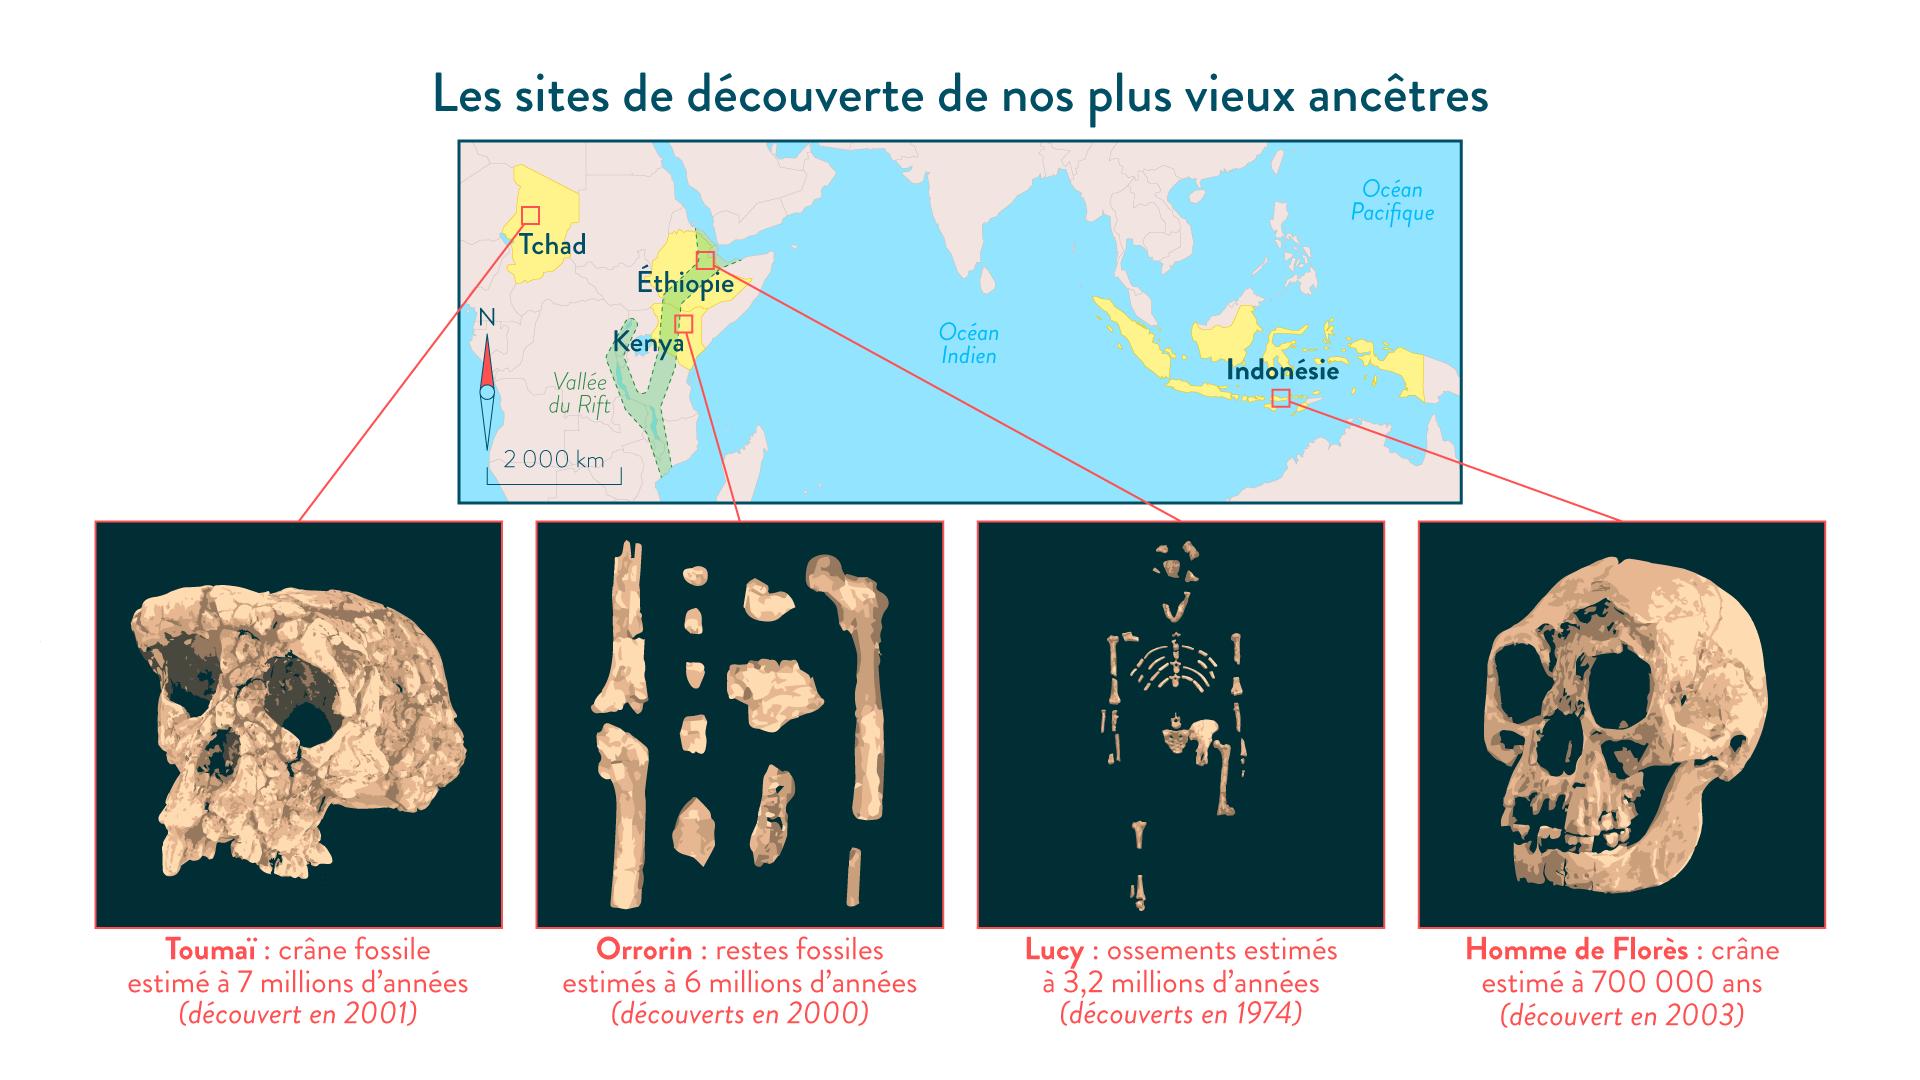 Les sites de découverte de nos plus vieux ancêtres-6e-Histoire